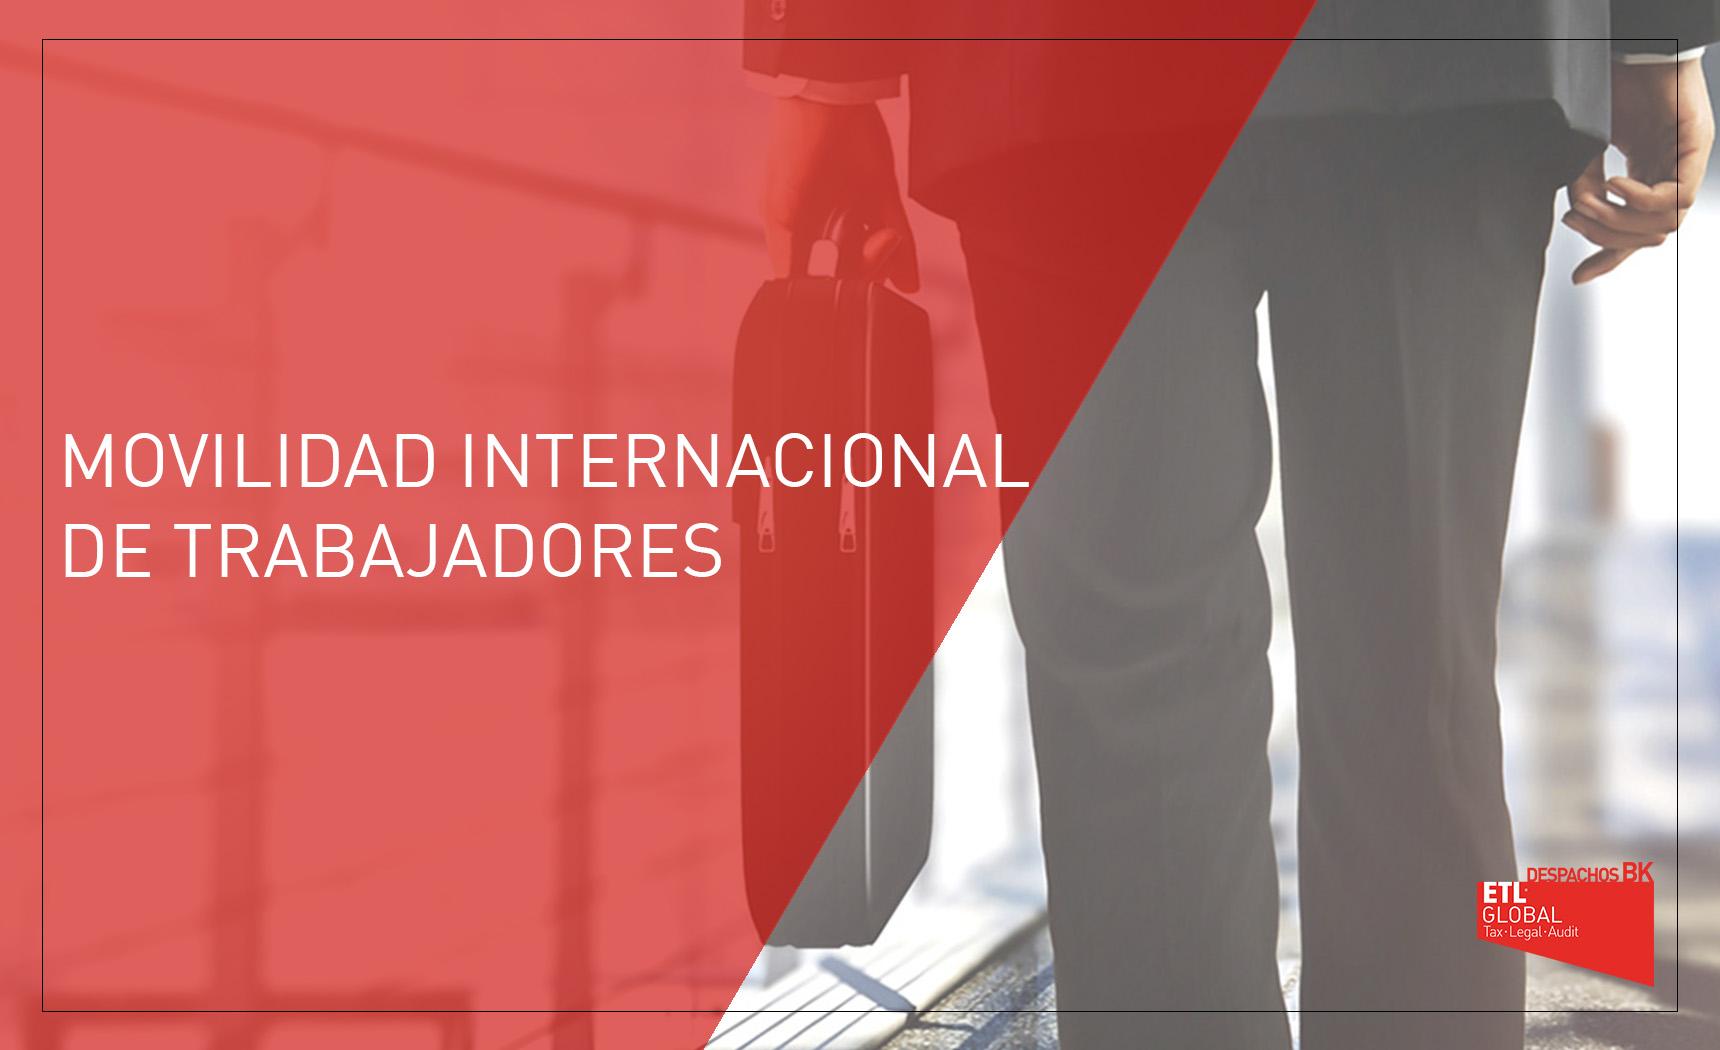 movilidad internacional de trabajadores despachos bk